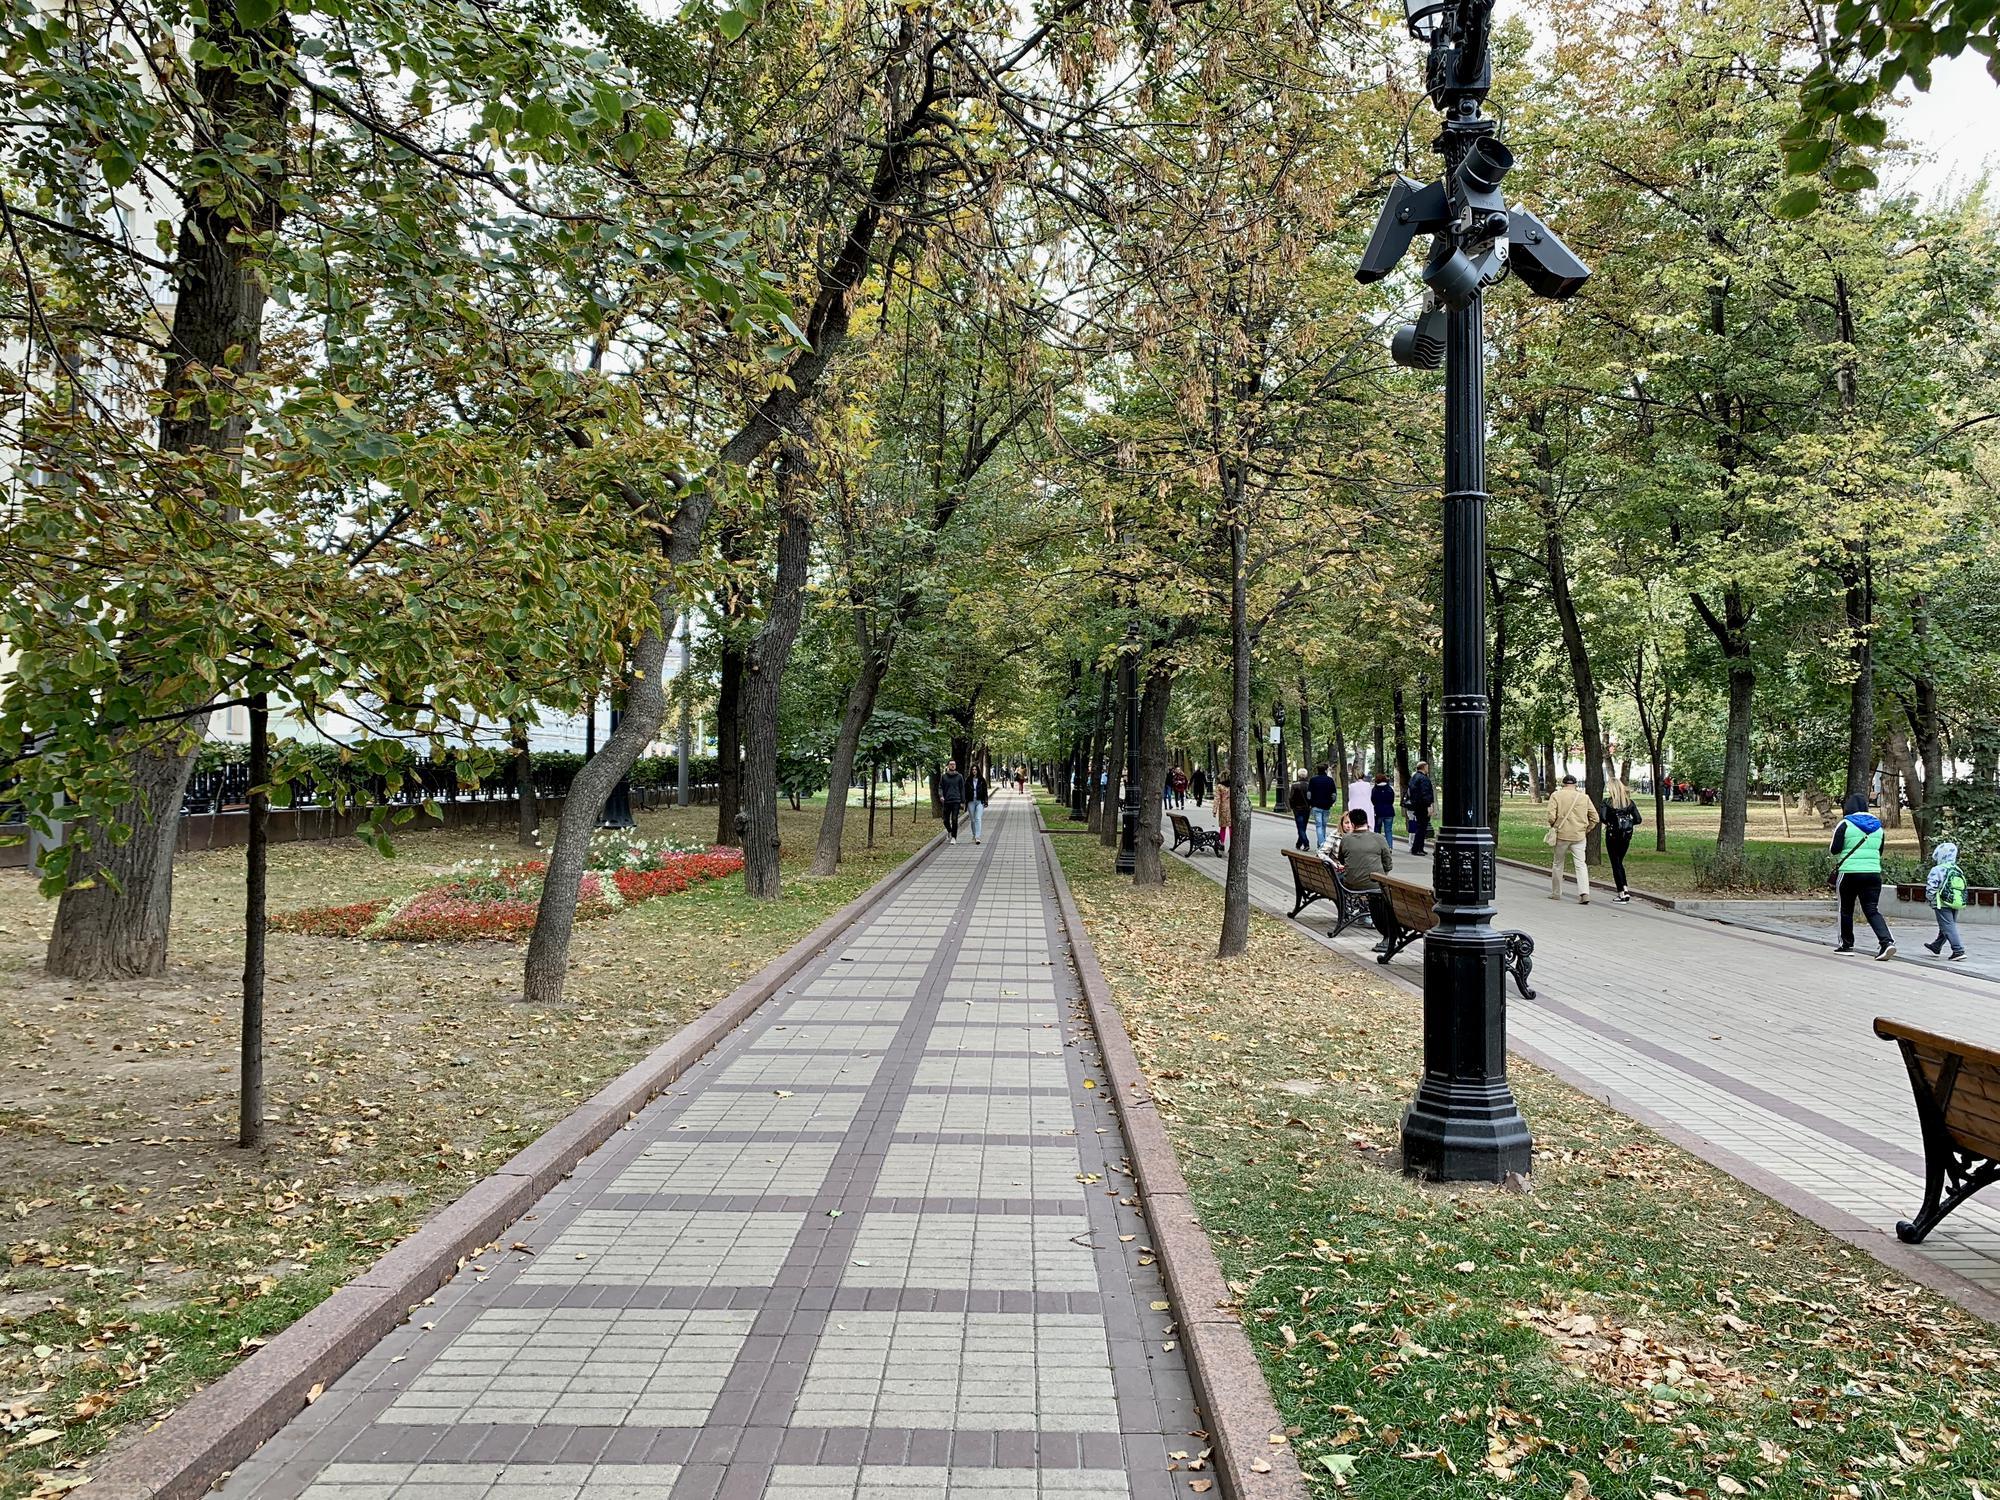 🇷🇺 Москва, Россия, сентябрь 2019.